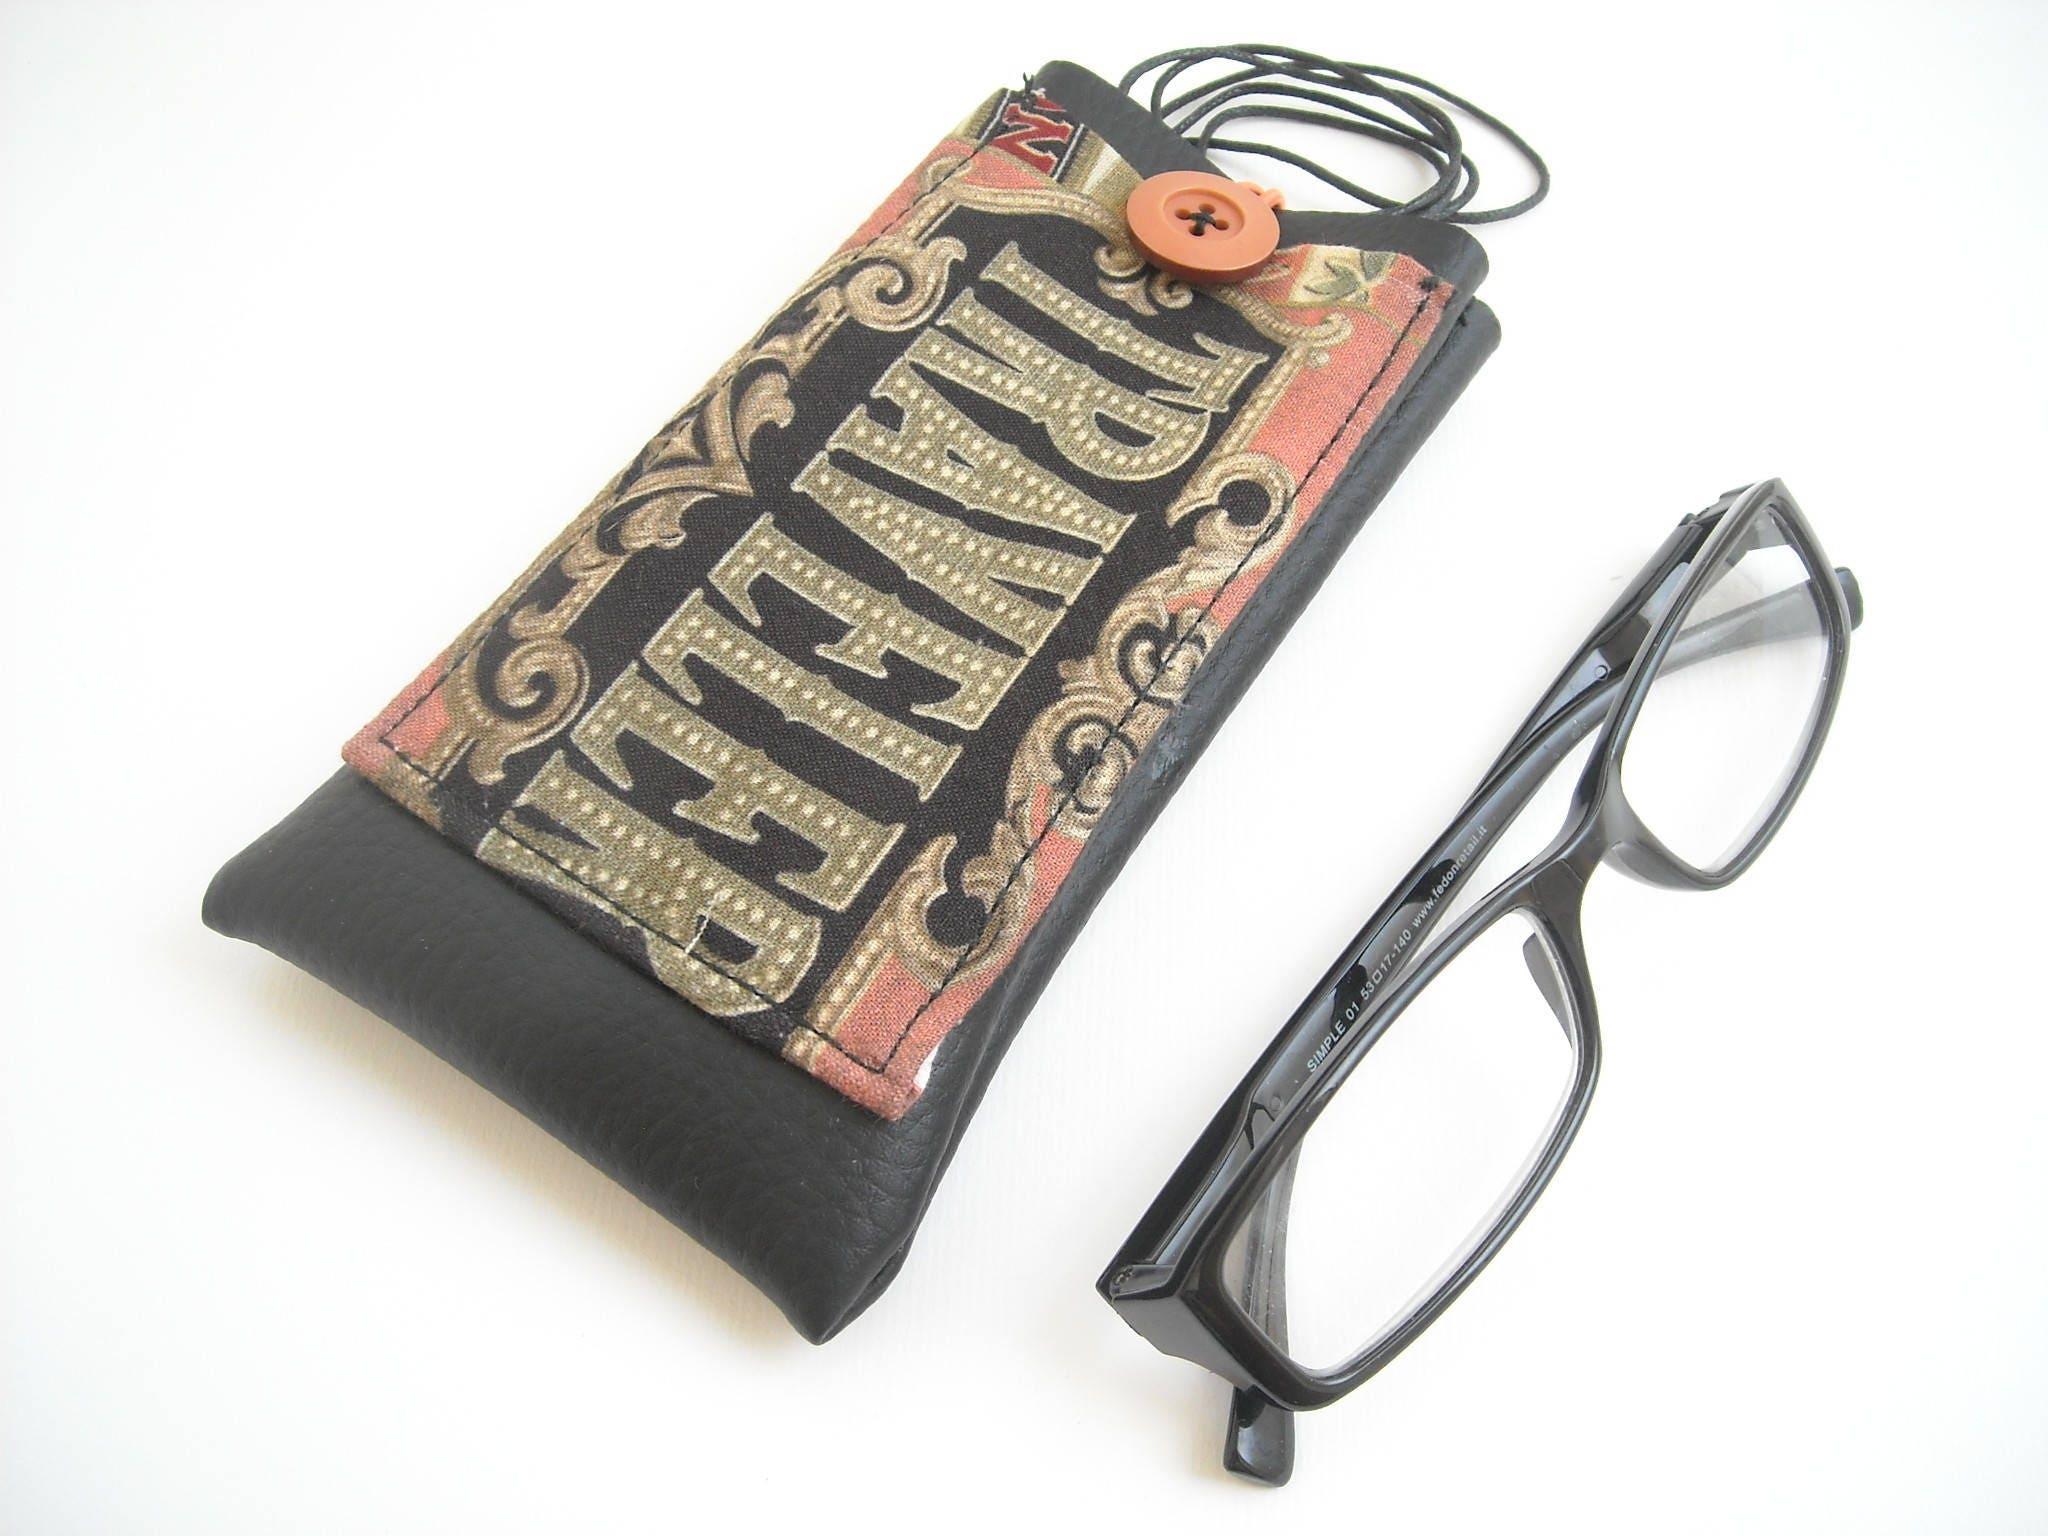 Traveller portaocchiali da collo con tasca custodia occhiali - Si porta al collo ...